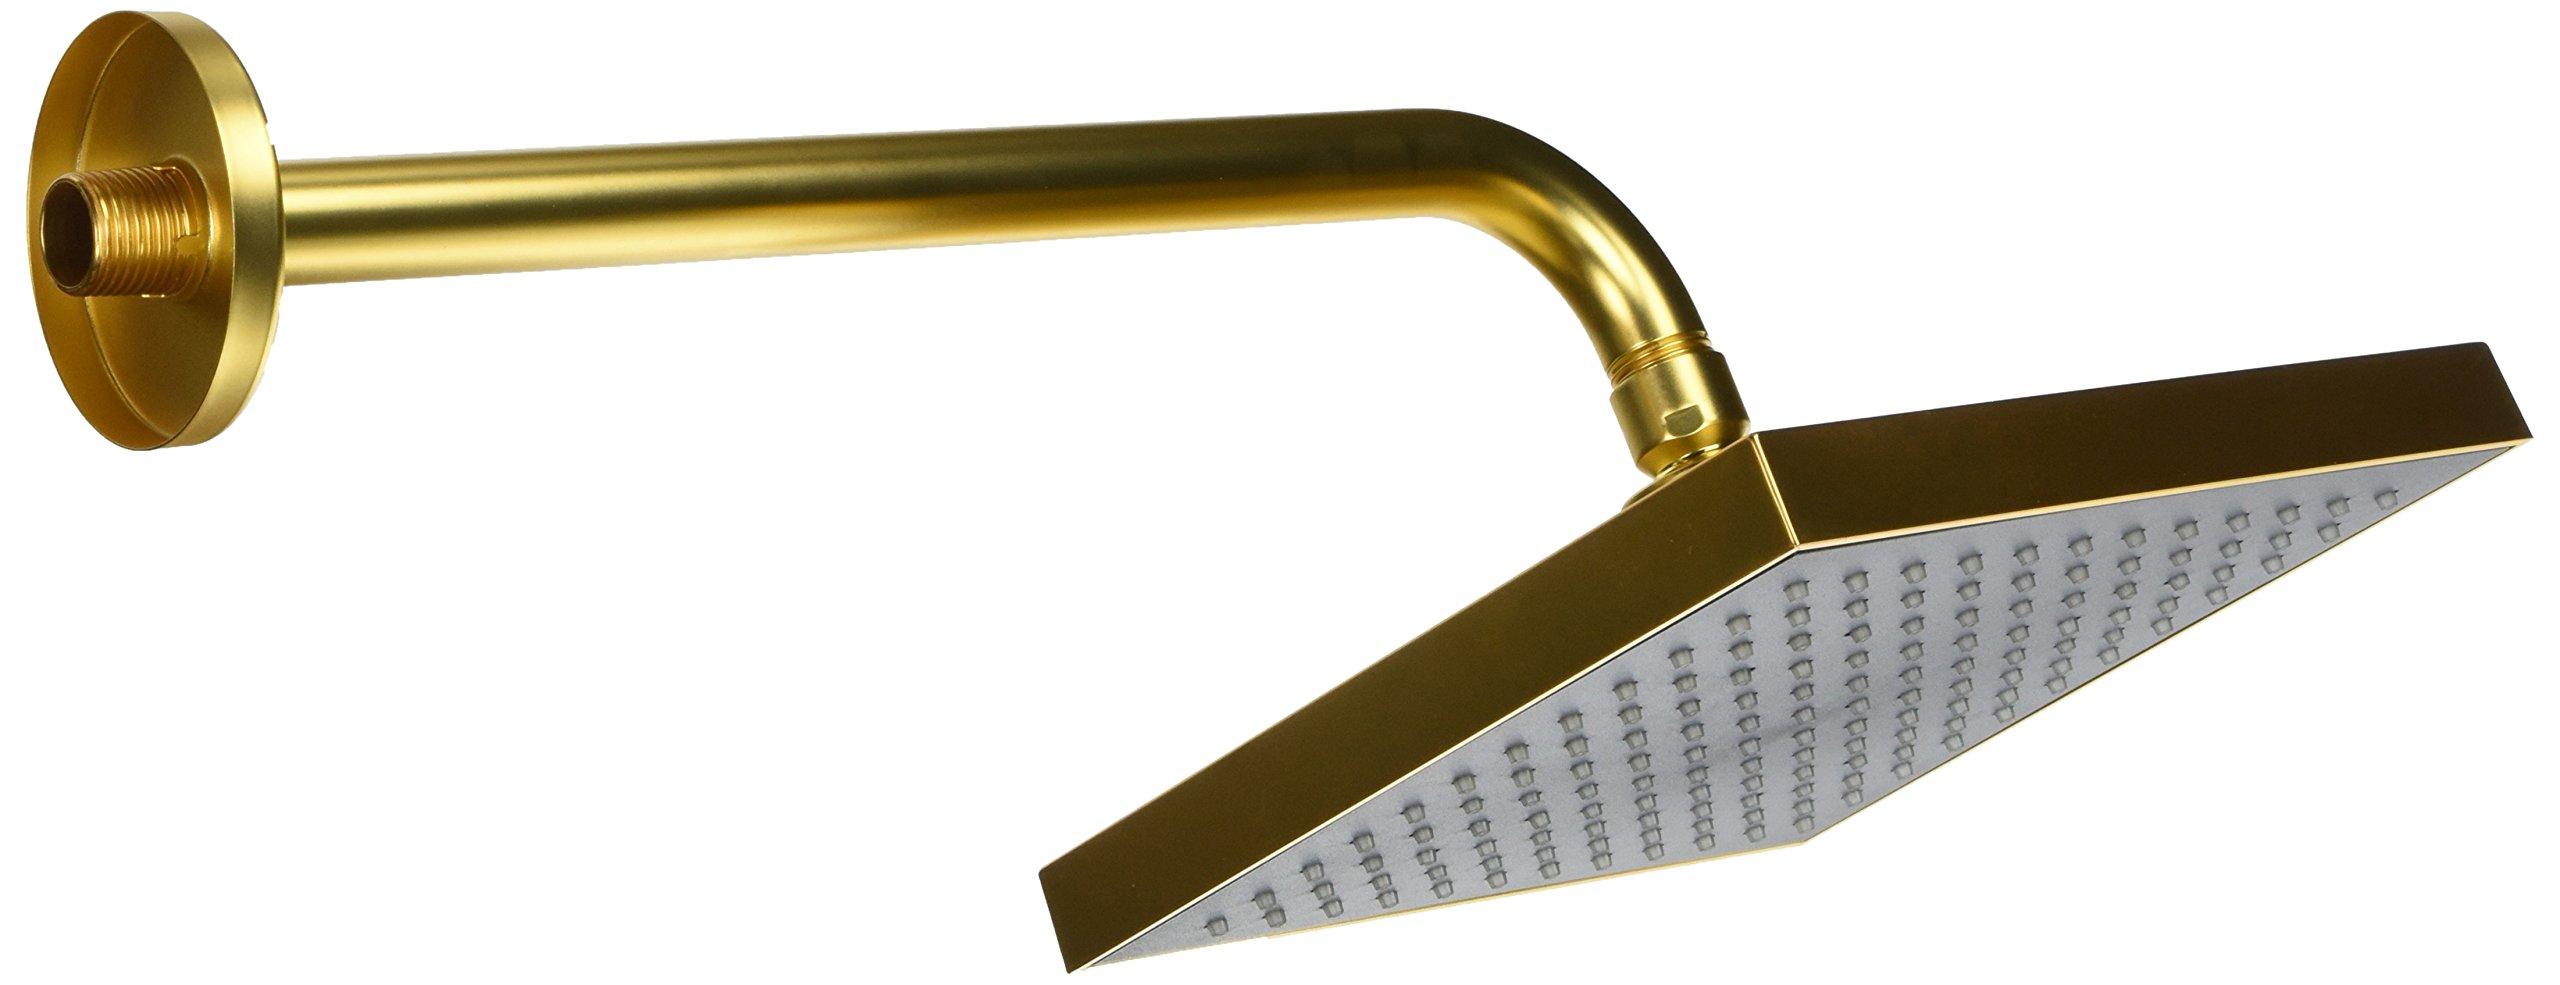 La Toscana 89OK750 Lady Square Shower Head, Satin Gold by La Toscana